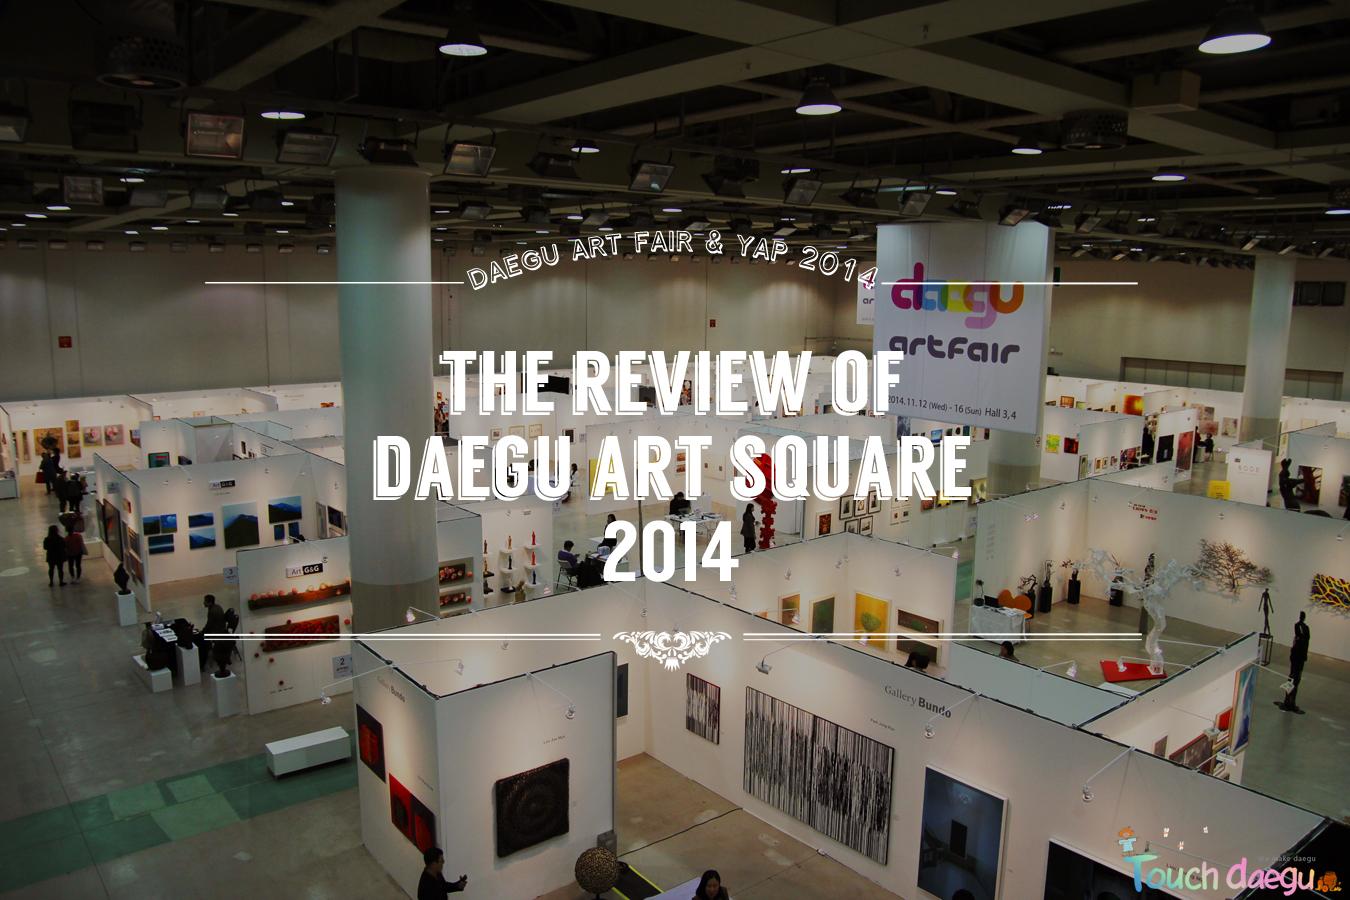 The review of Daegu Art Square 2014(Daegu Art Fair & YAP 2014)